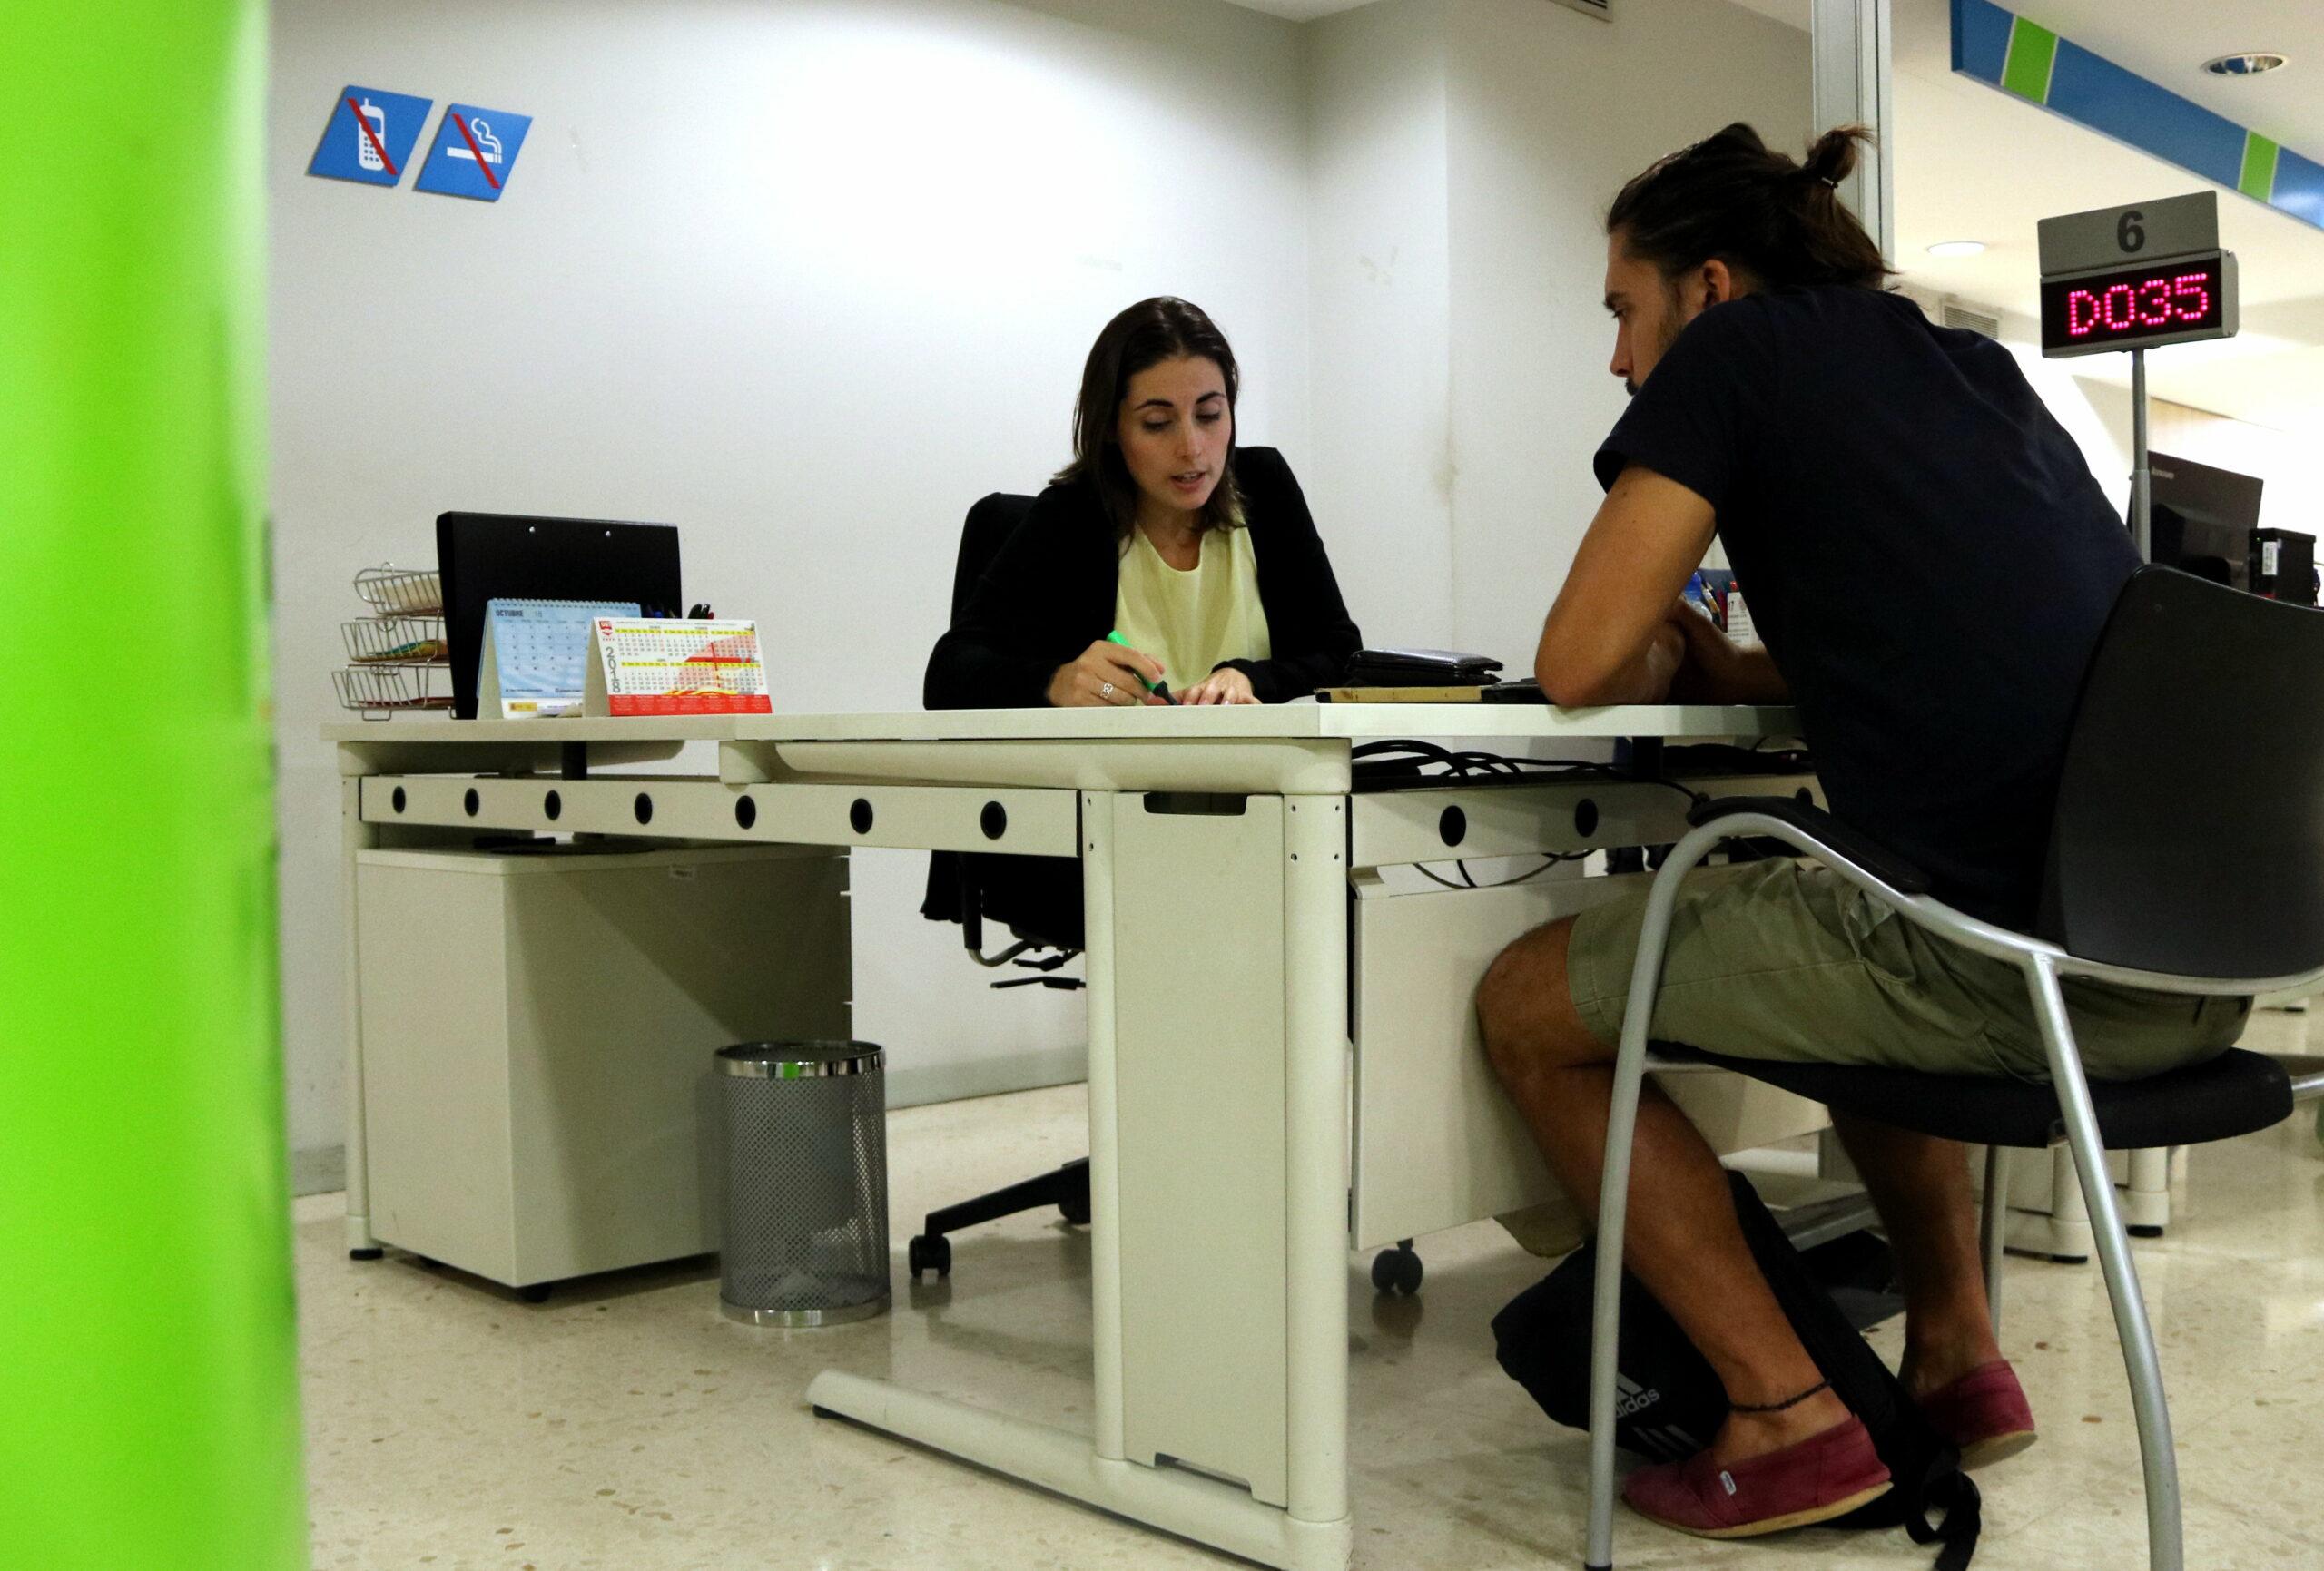 Un ciutadà atén les explicacions d'una treballadora del Servei d'Ocupació de Catalunya | ACN